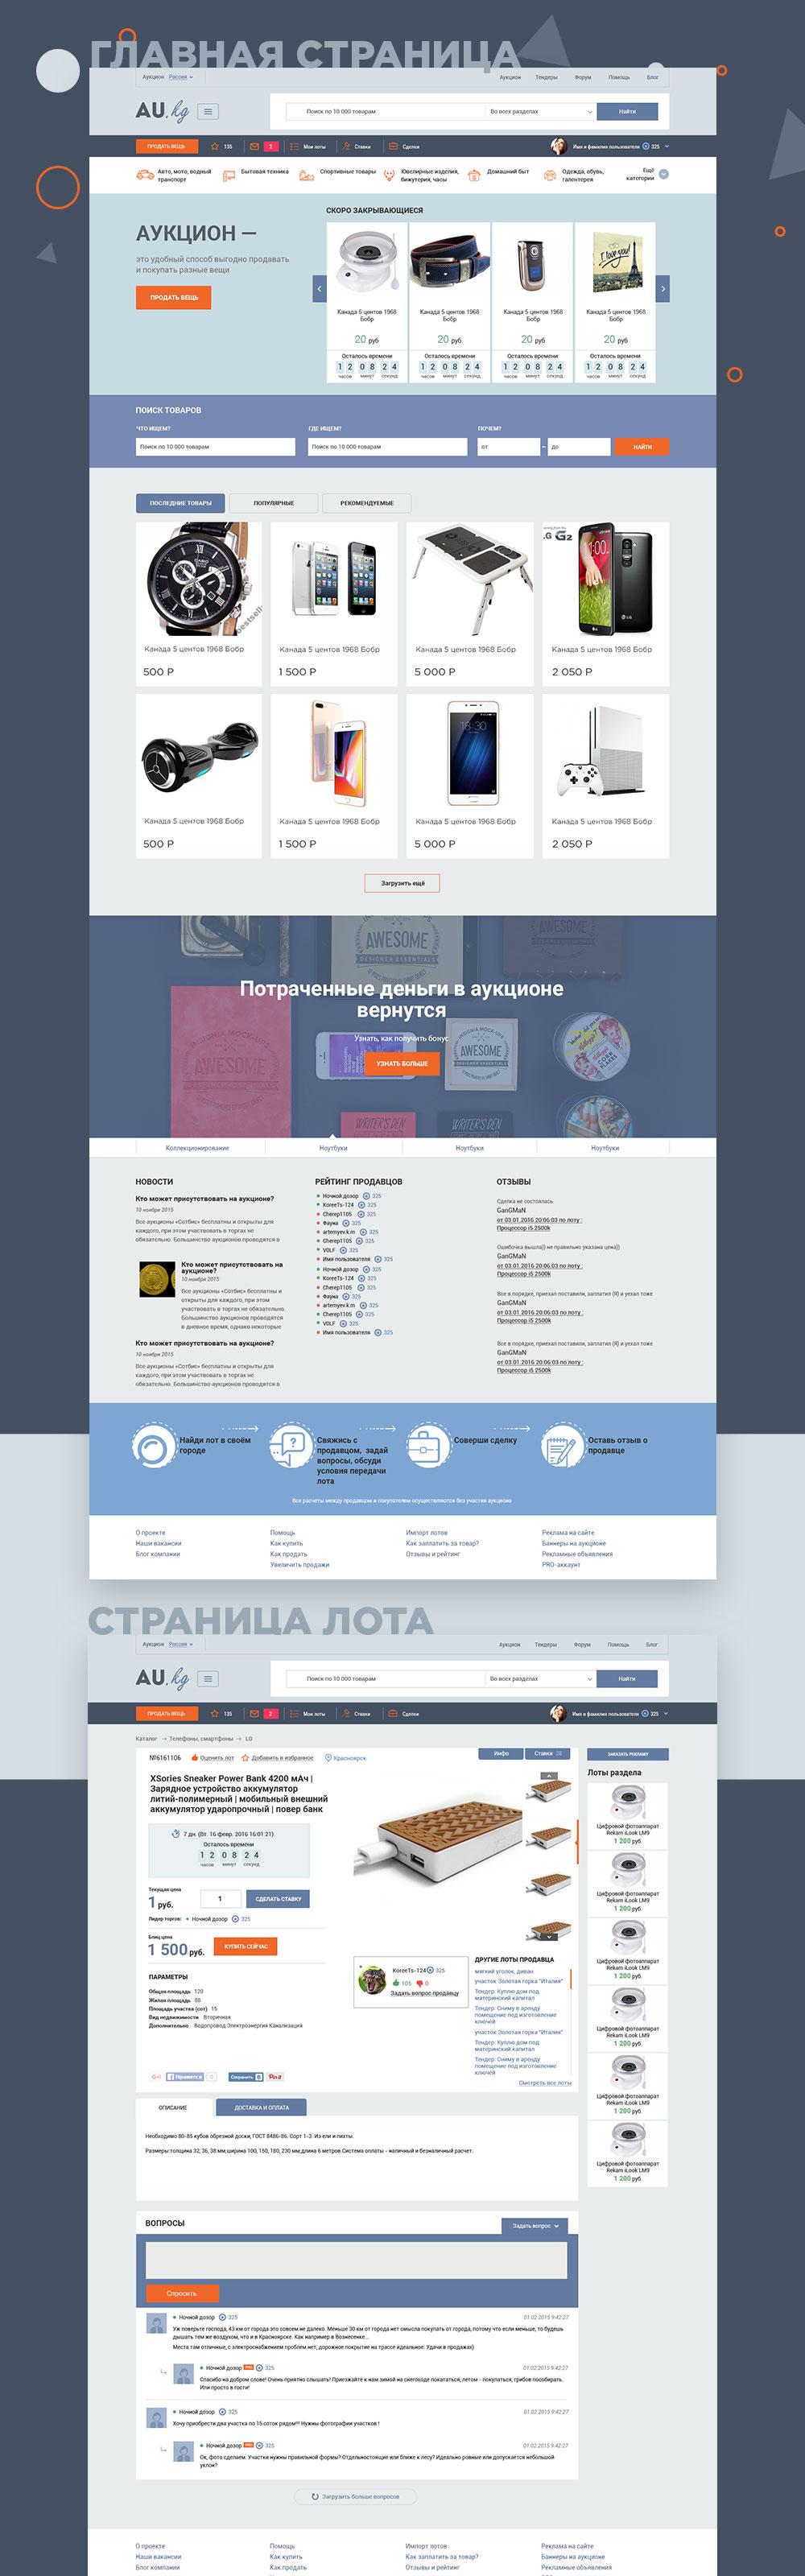 Au.kg. Интерфейс для сайта-аукциона